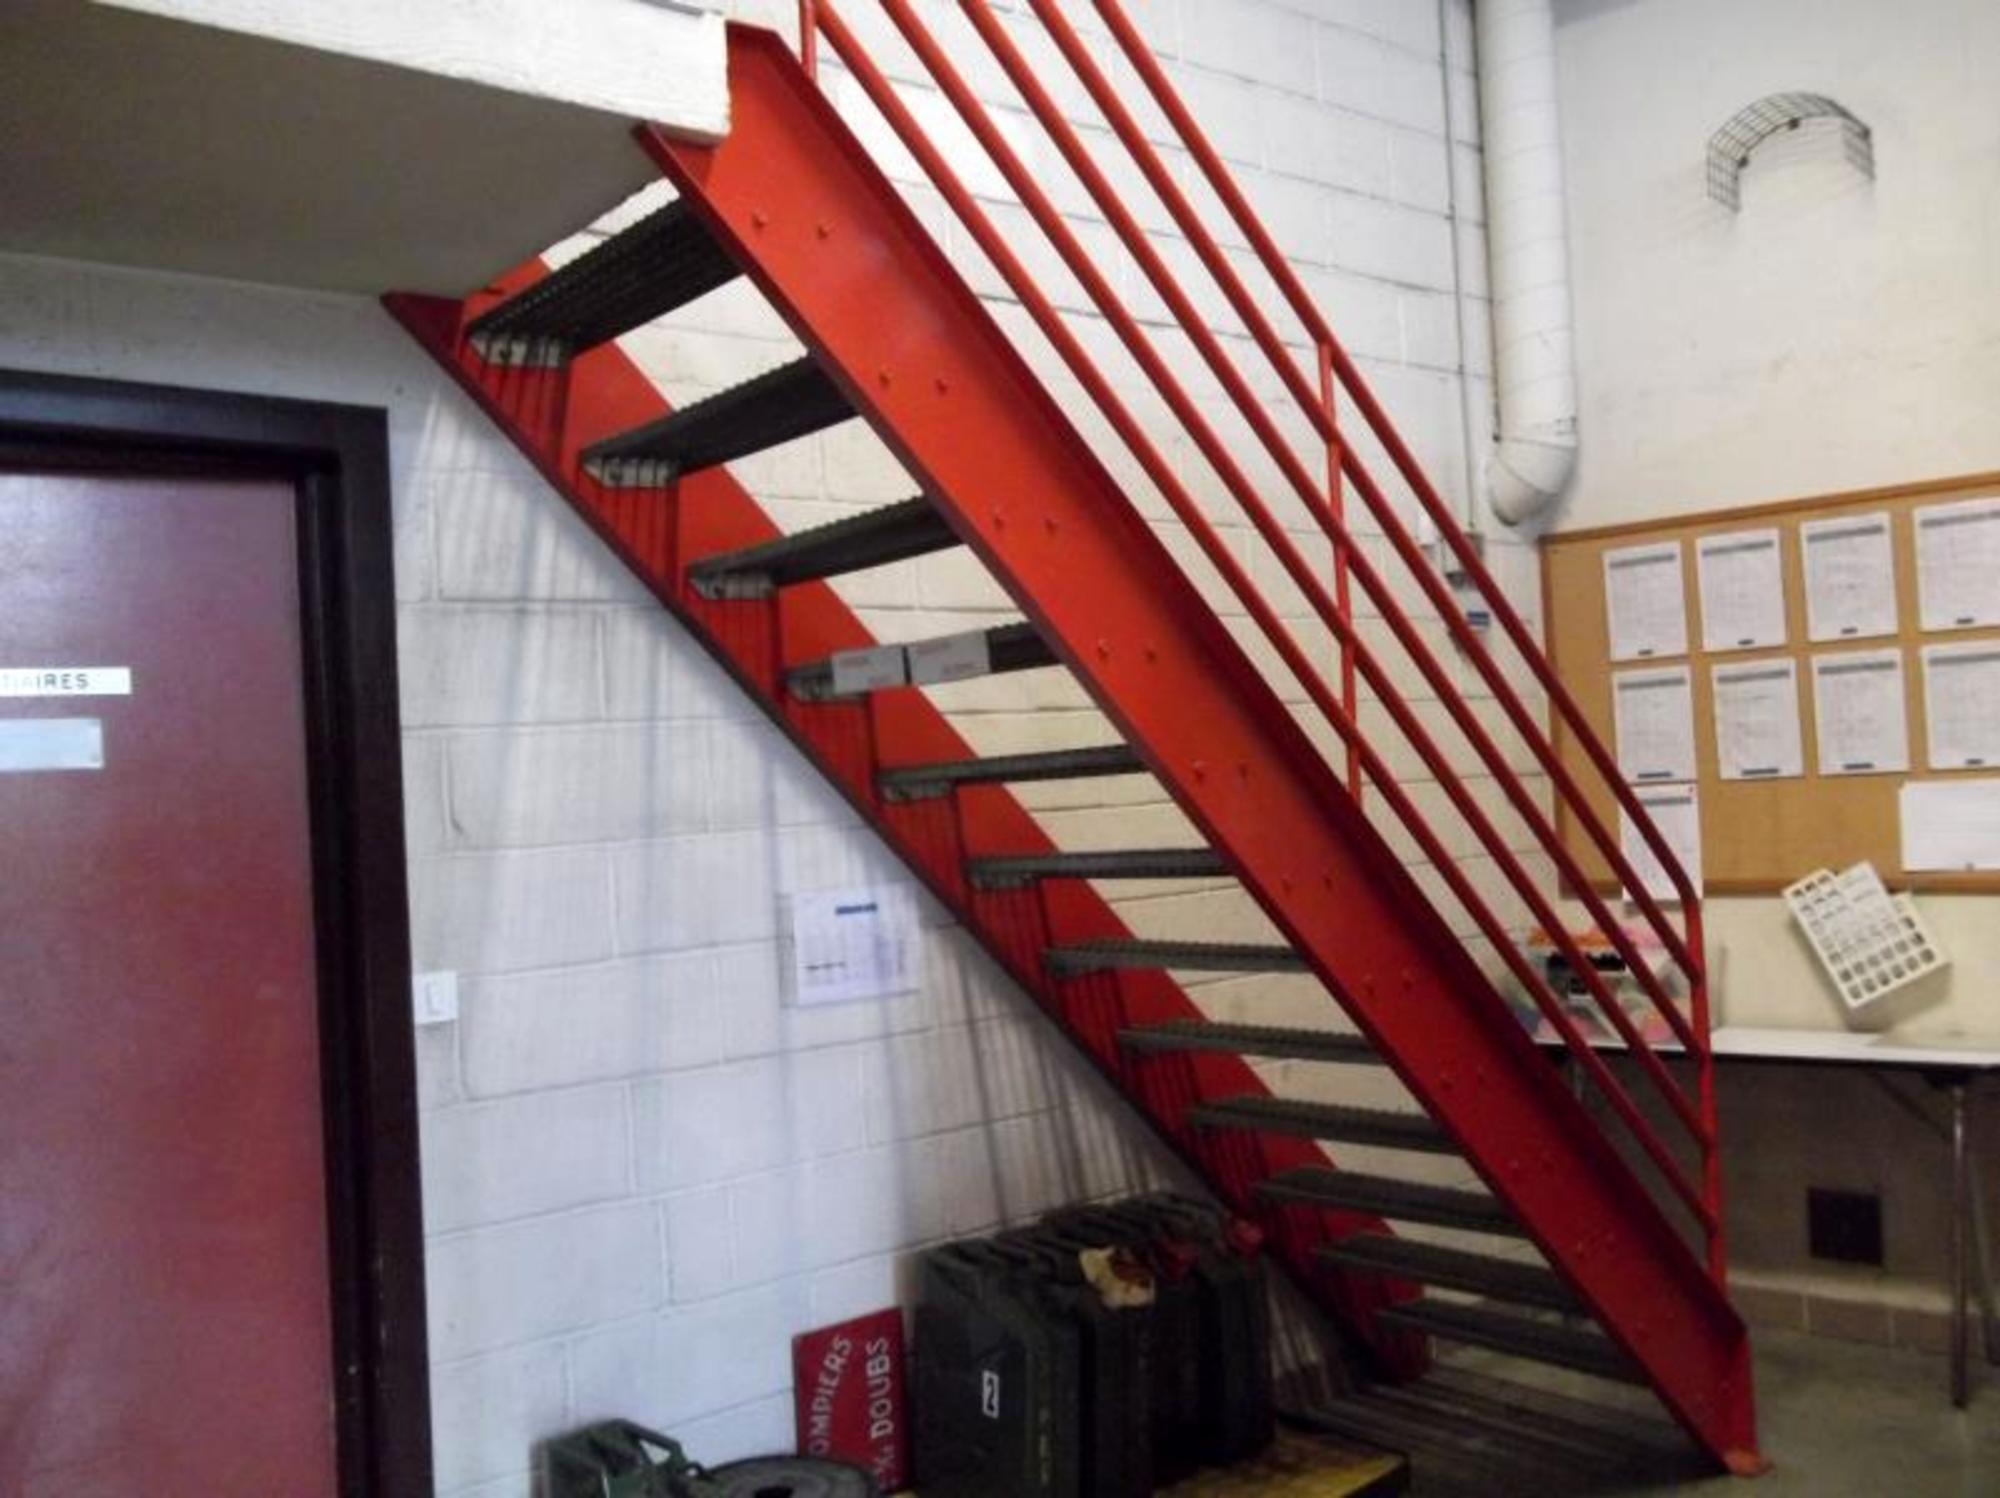 Escalier En Caillebotis Métallique intérieur 1 escalier métallique avec marche caillebotis et rampe garde corps